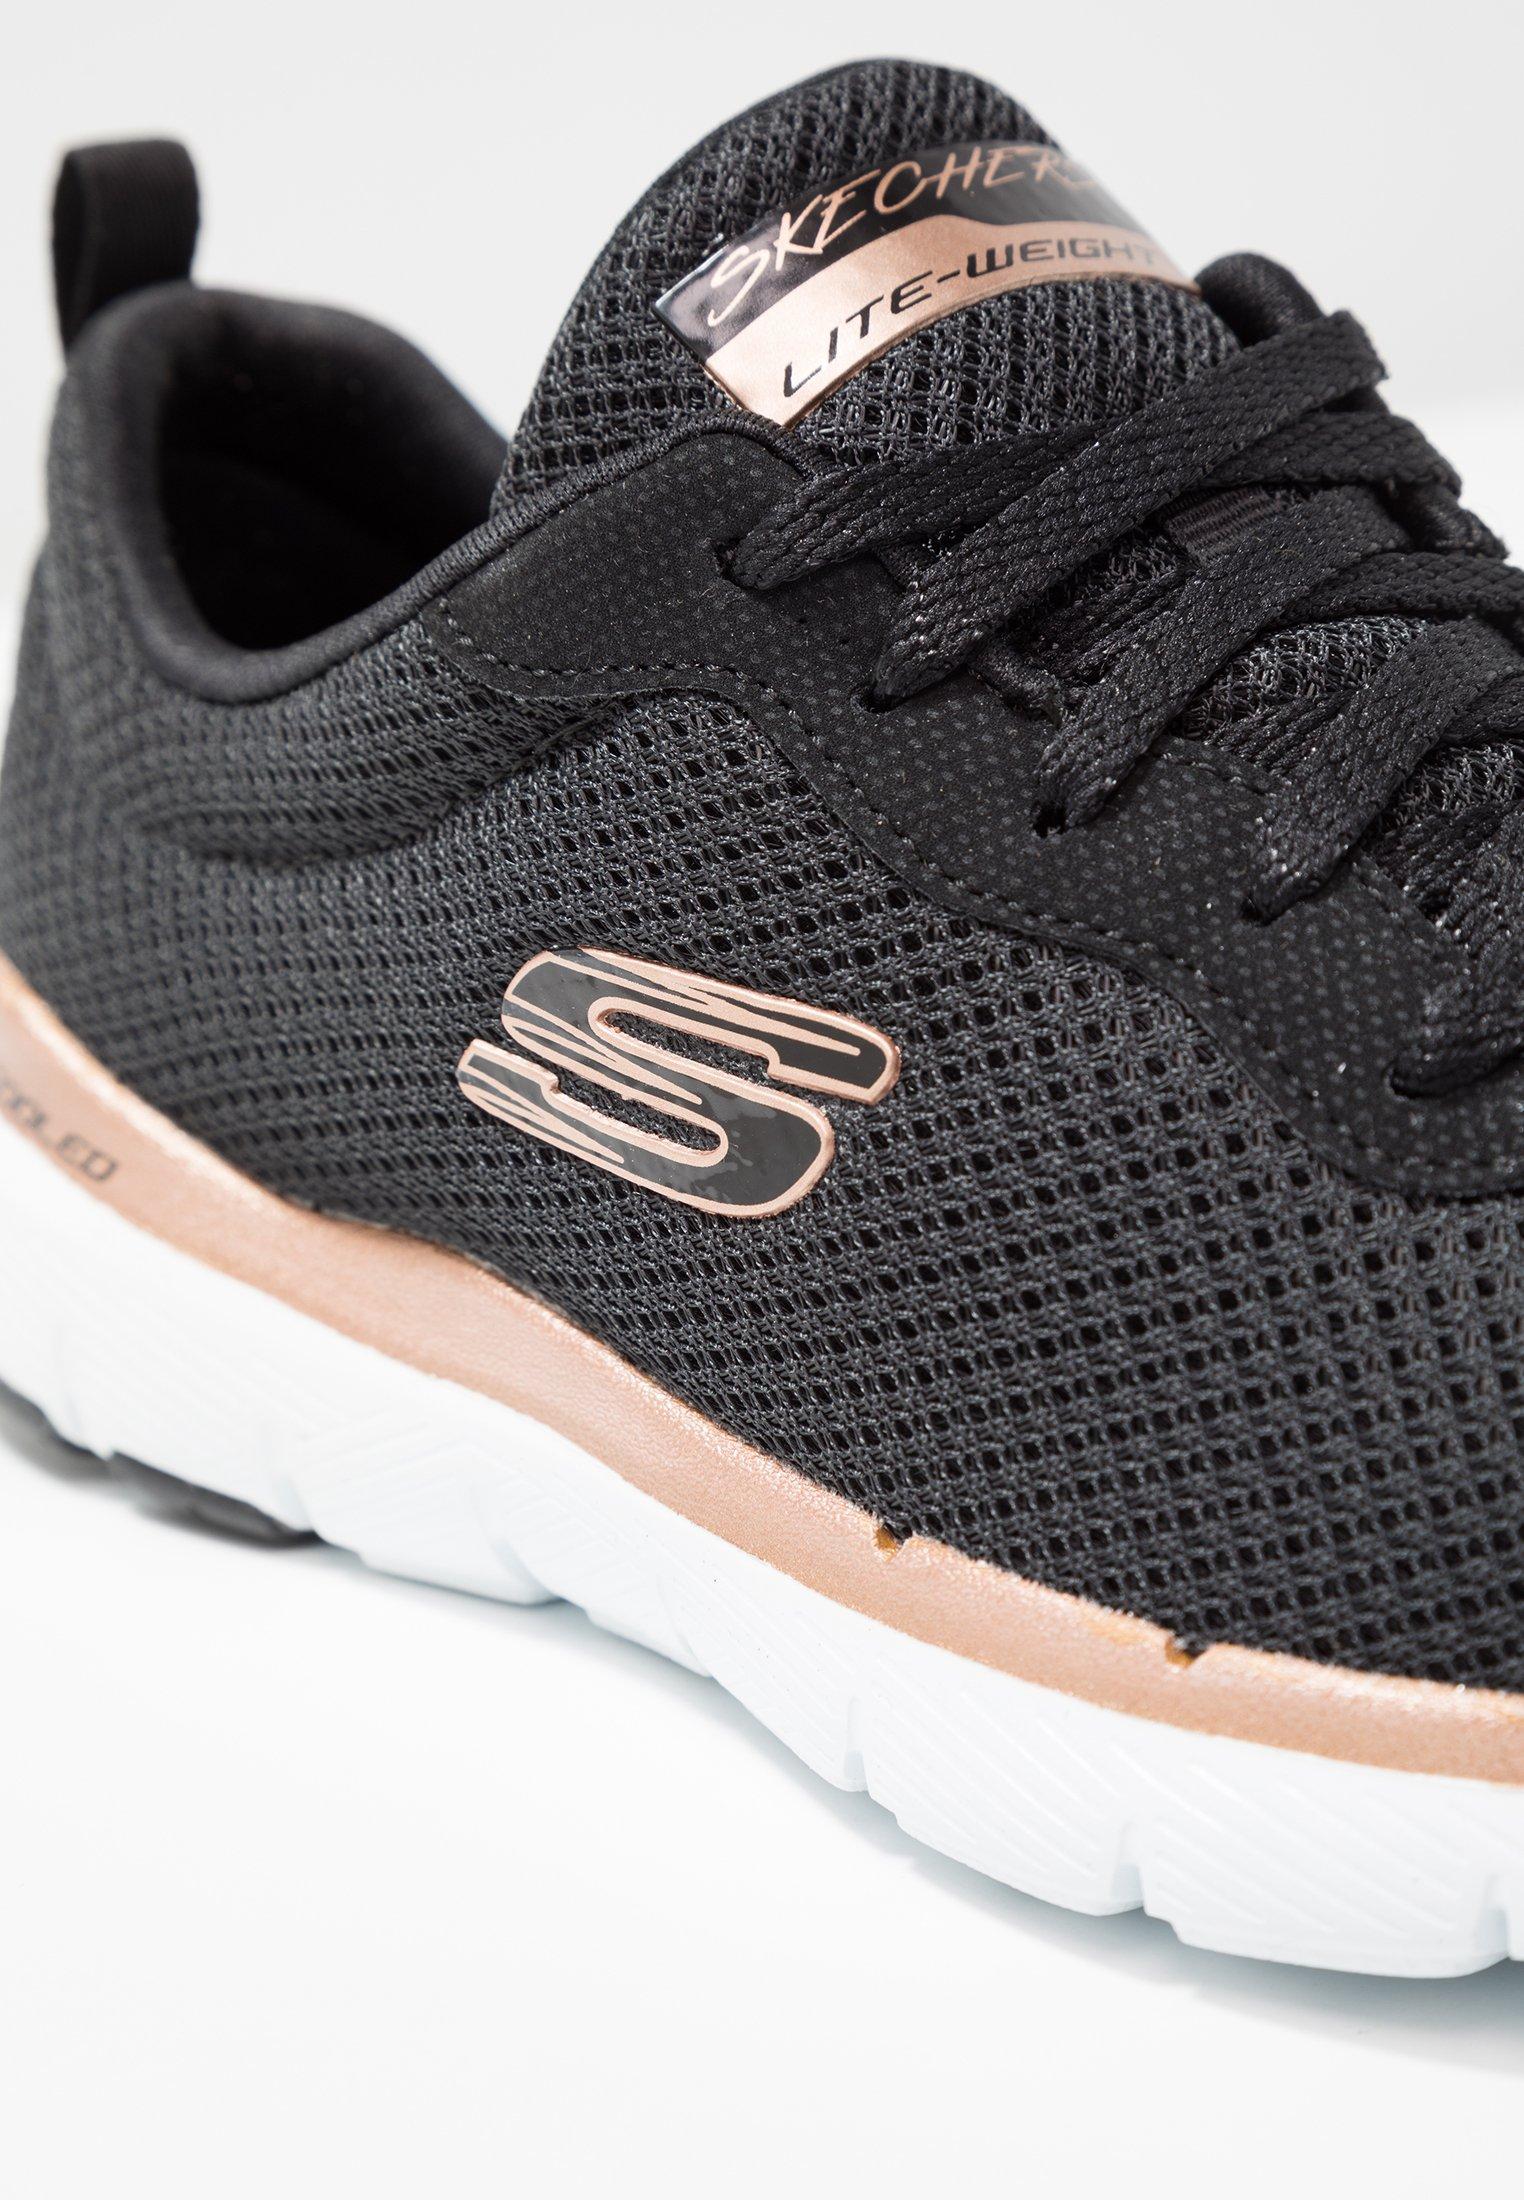 FLEX APPEAL 3.0 Sneaker low blackrose gold